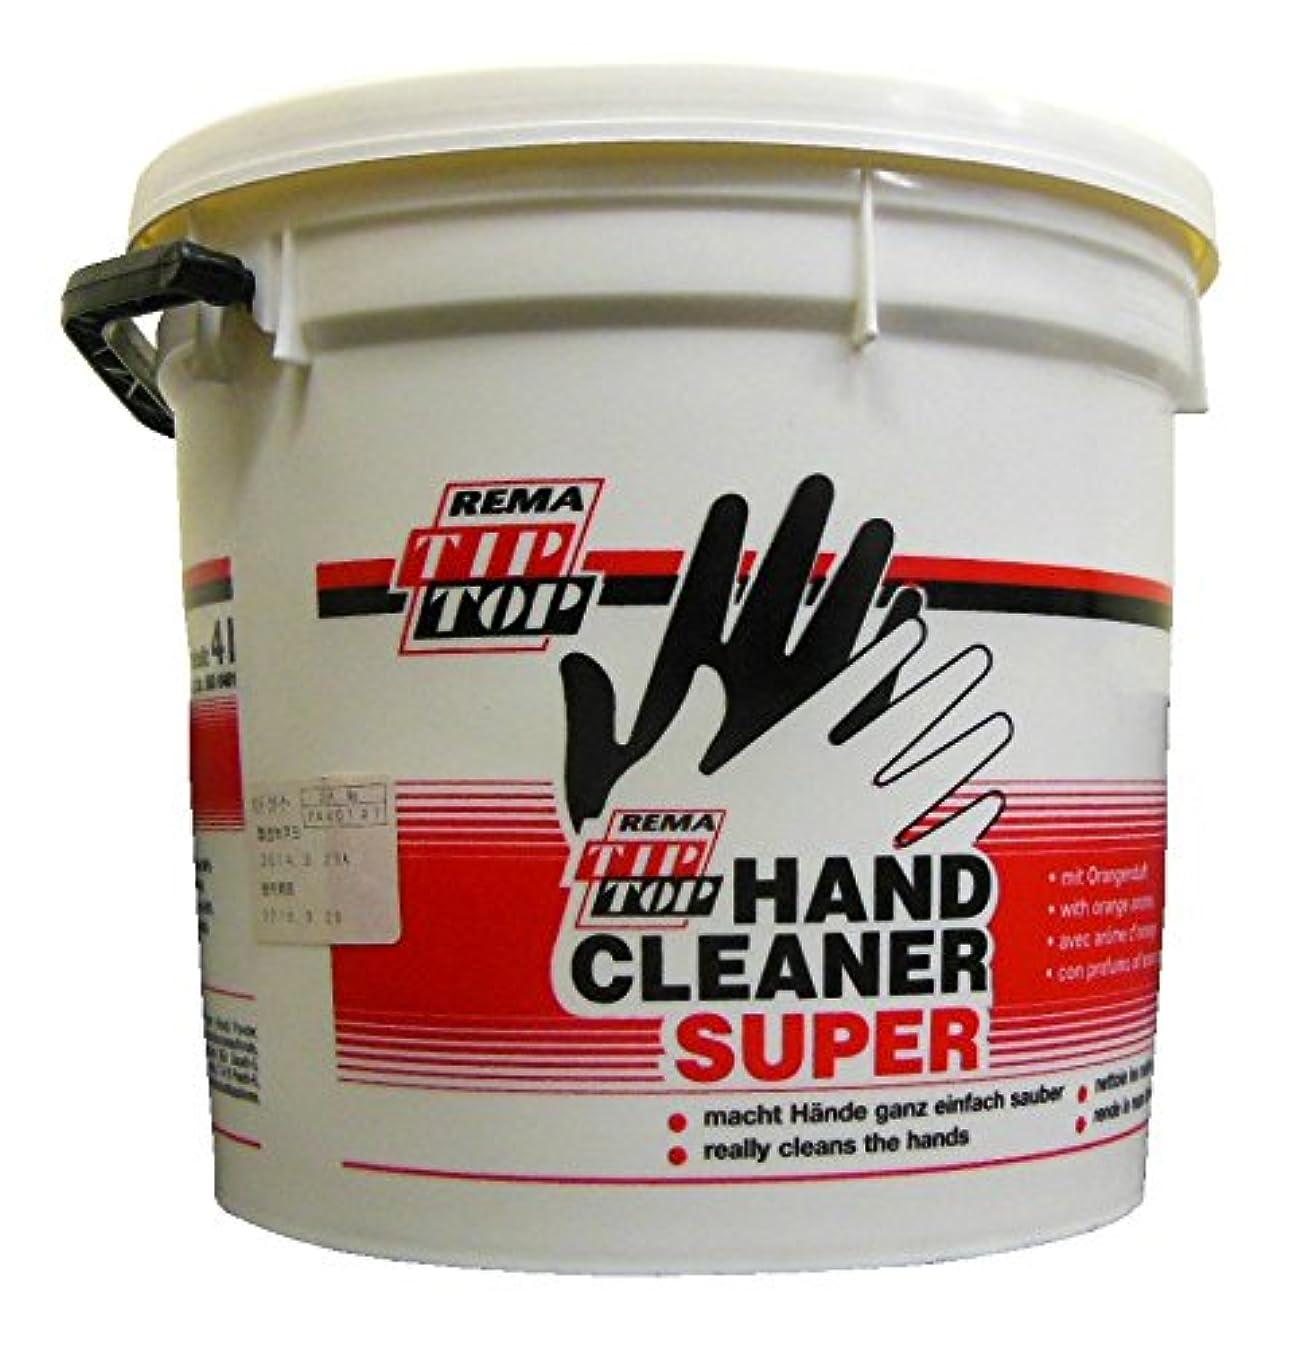 これら明日同等のTIPTOP(チップトップ) ハンドクリーナー HAND CLEANER SUPER 4L H-052